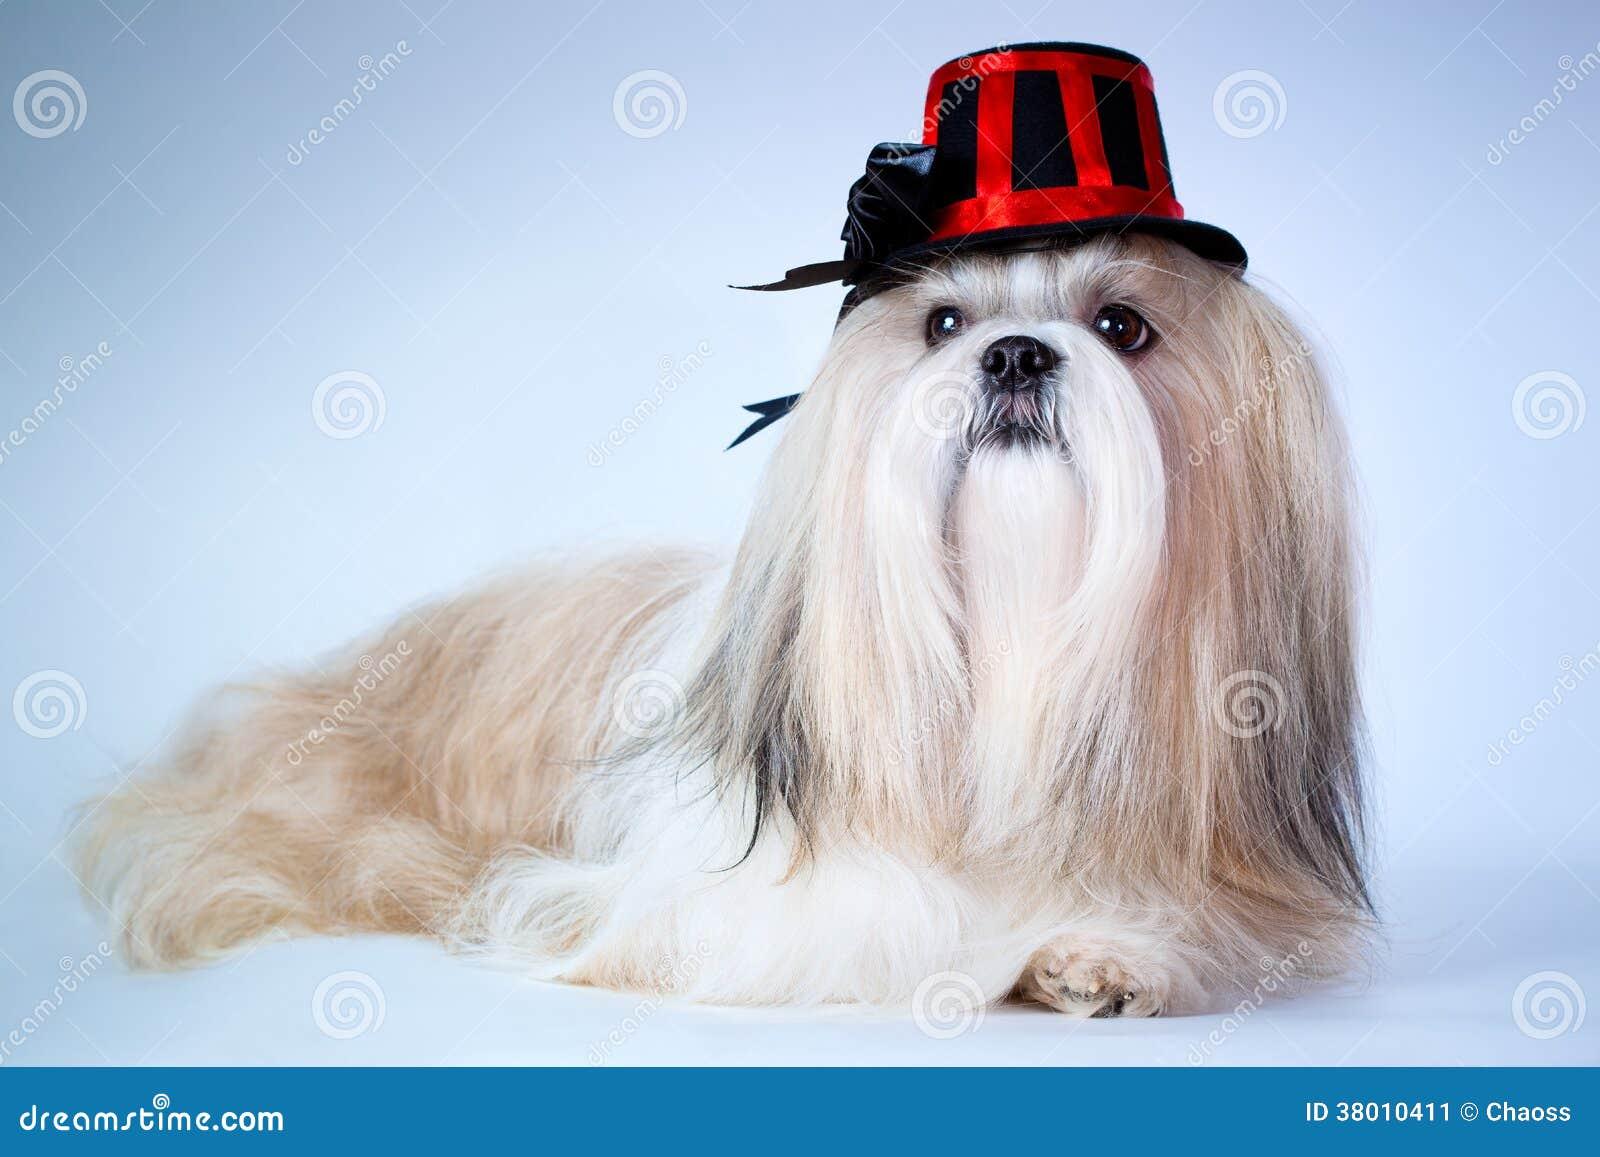 Shih tzu dog in hat